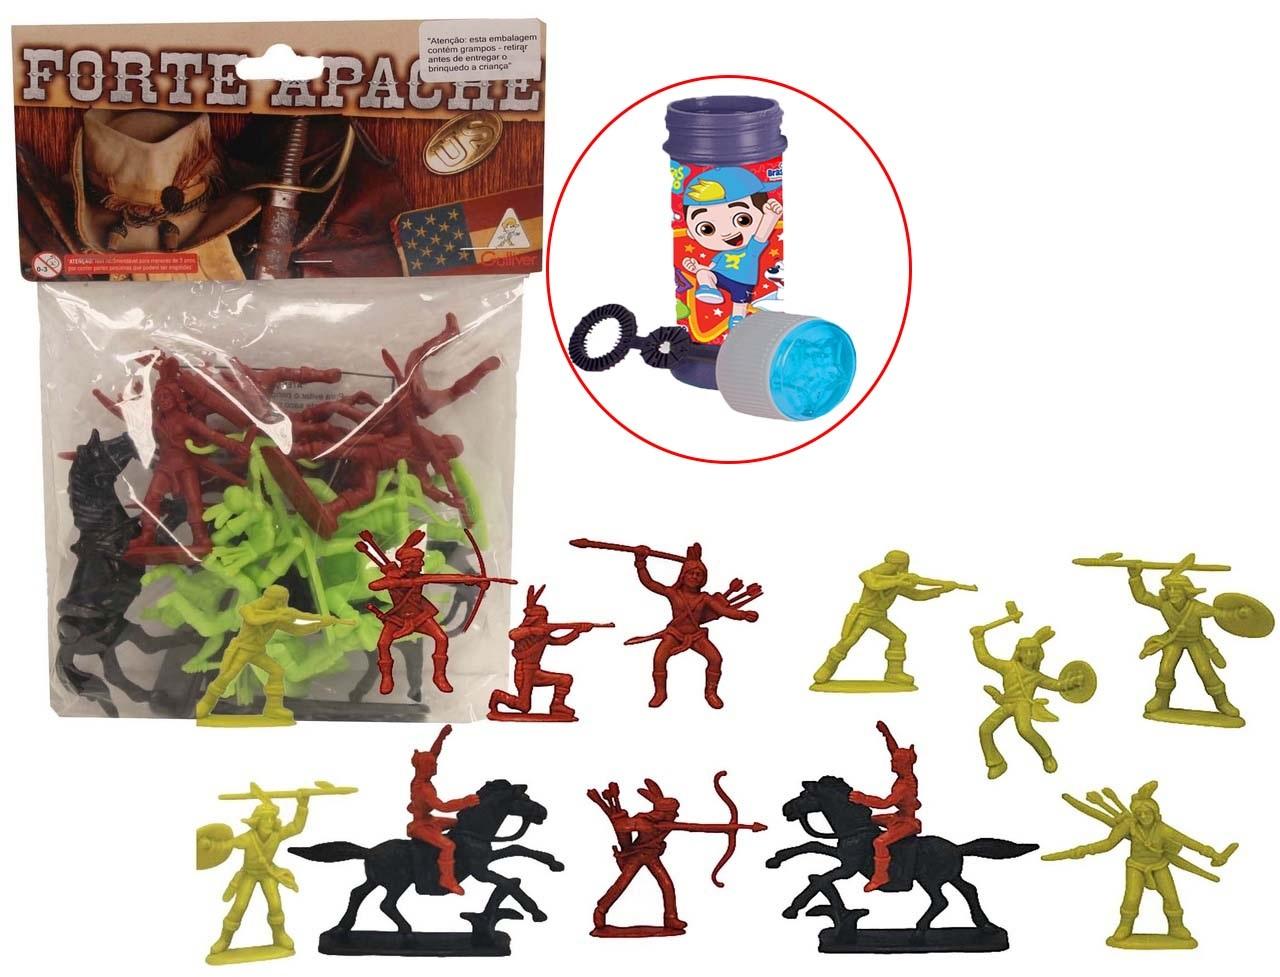 Forte Apache Far West Confederados 12 Figuras 2 Cavalos Infantil Crianças Azul Verde Marrom Brinquedo Índio Colorido Pequeno Bolhas De Sabão Gulliver Activity